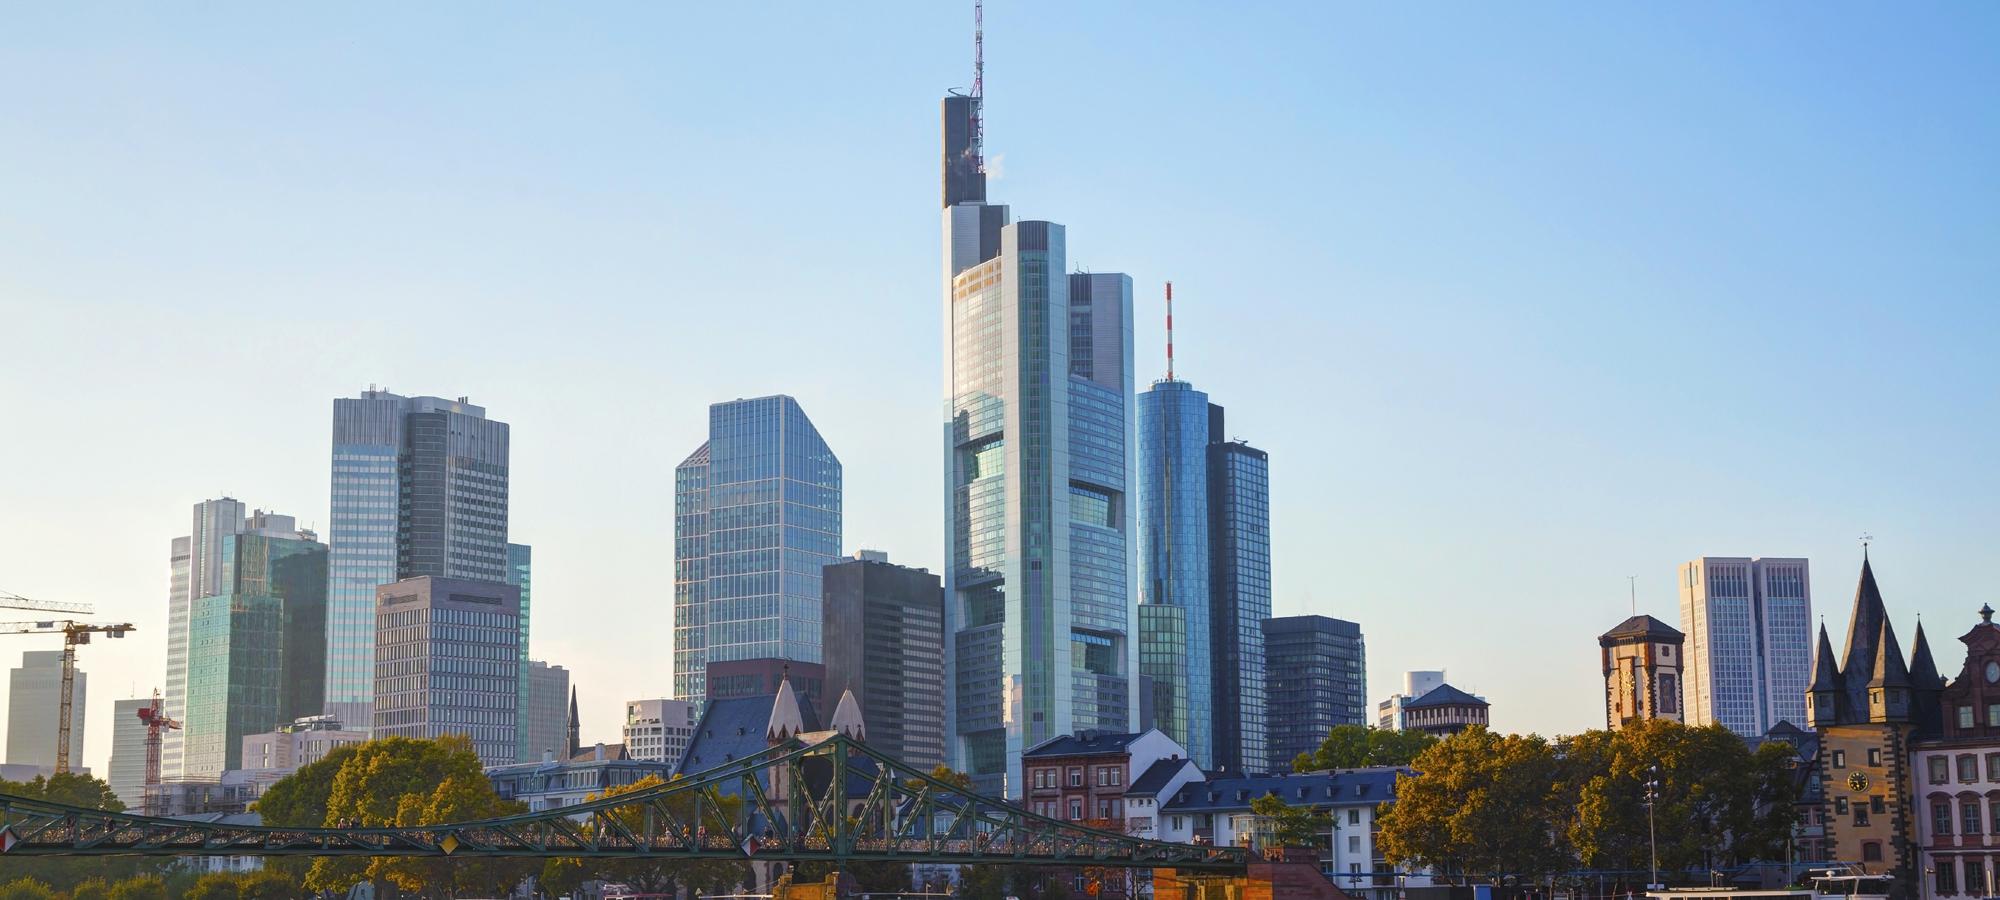 ECCG Frankfurt Office